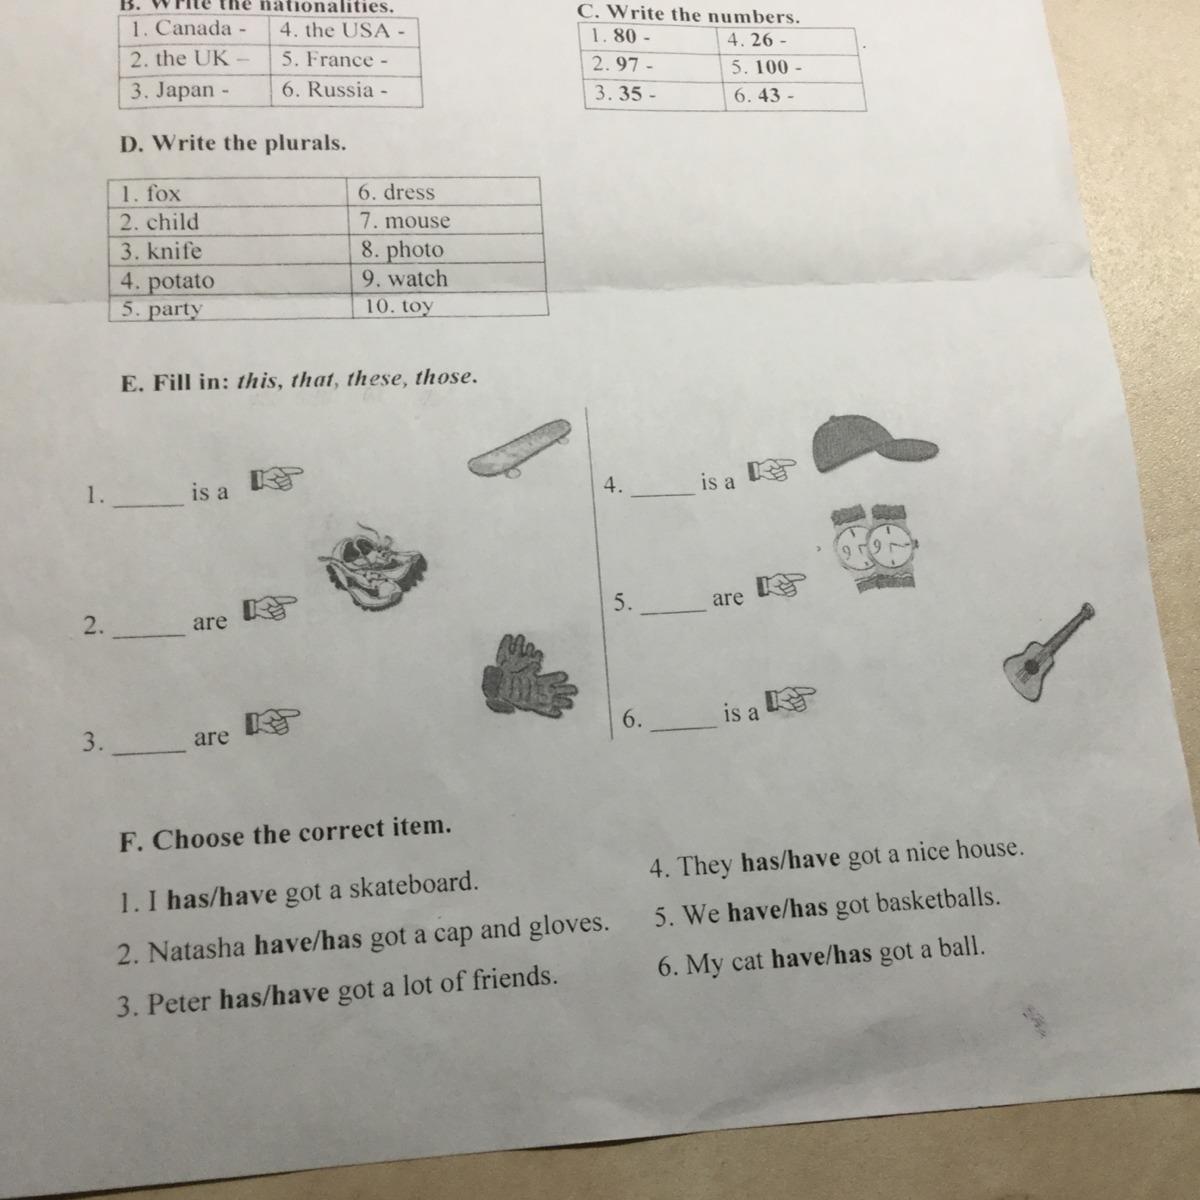 Помогите пожалуйста решить E и F заранее спасибо! Загрузить png